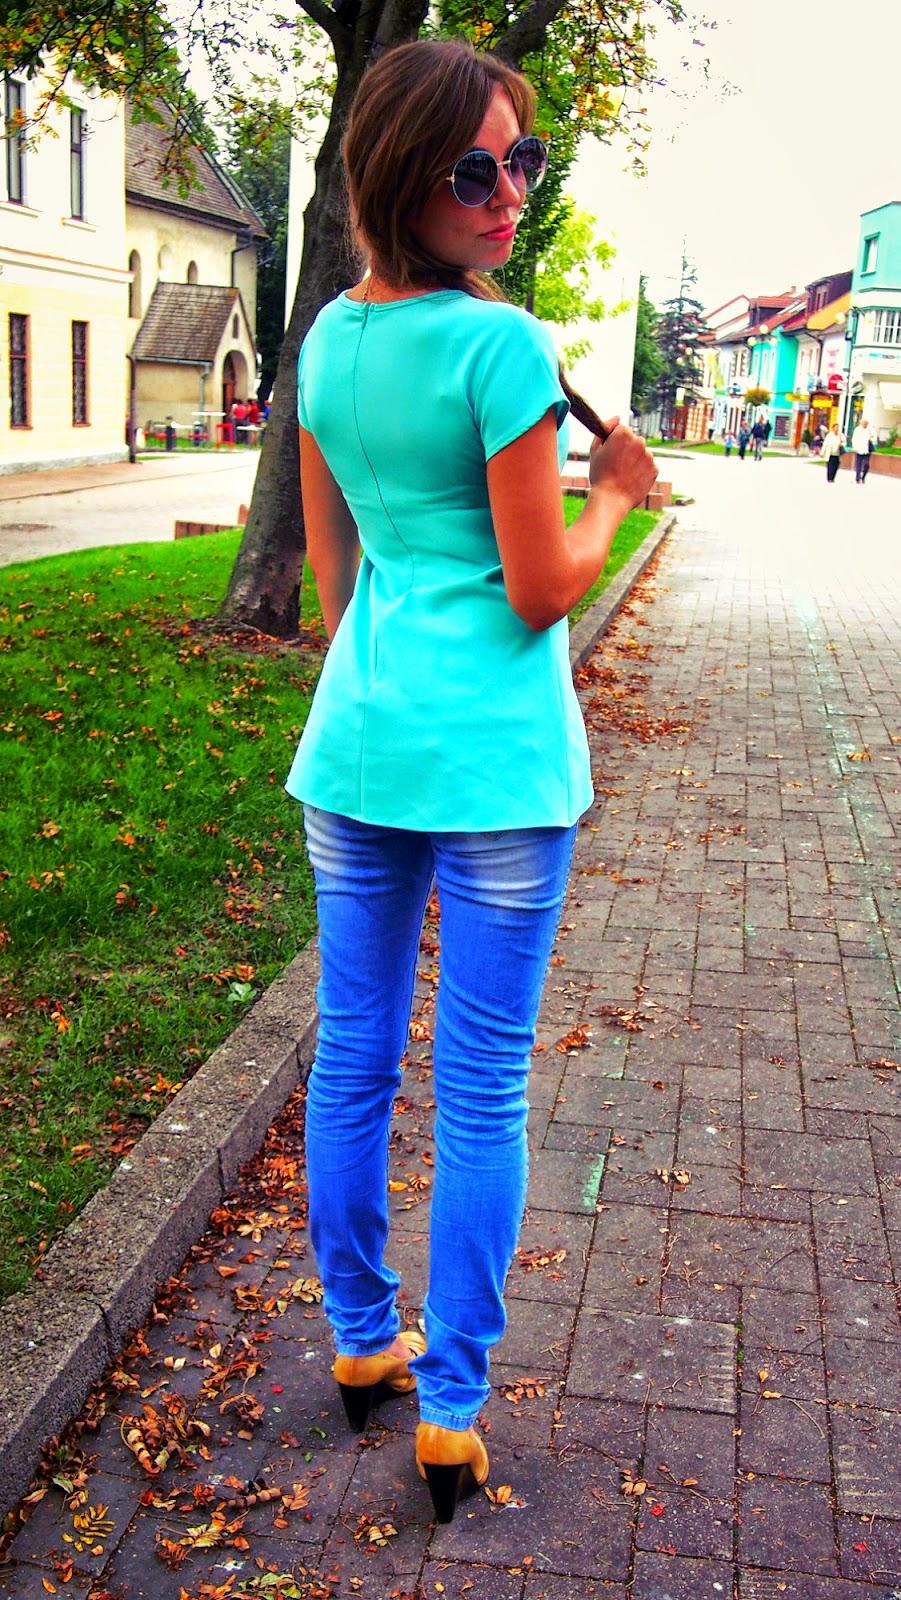 modrá bľuzka